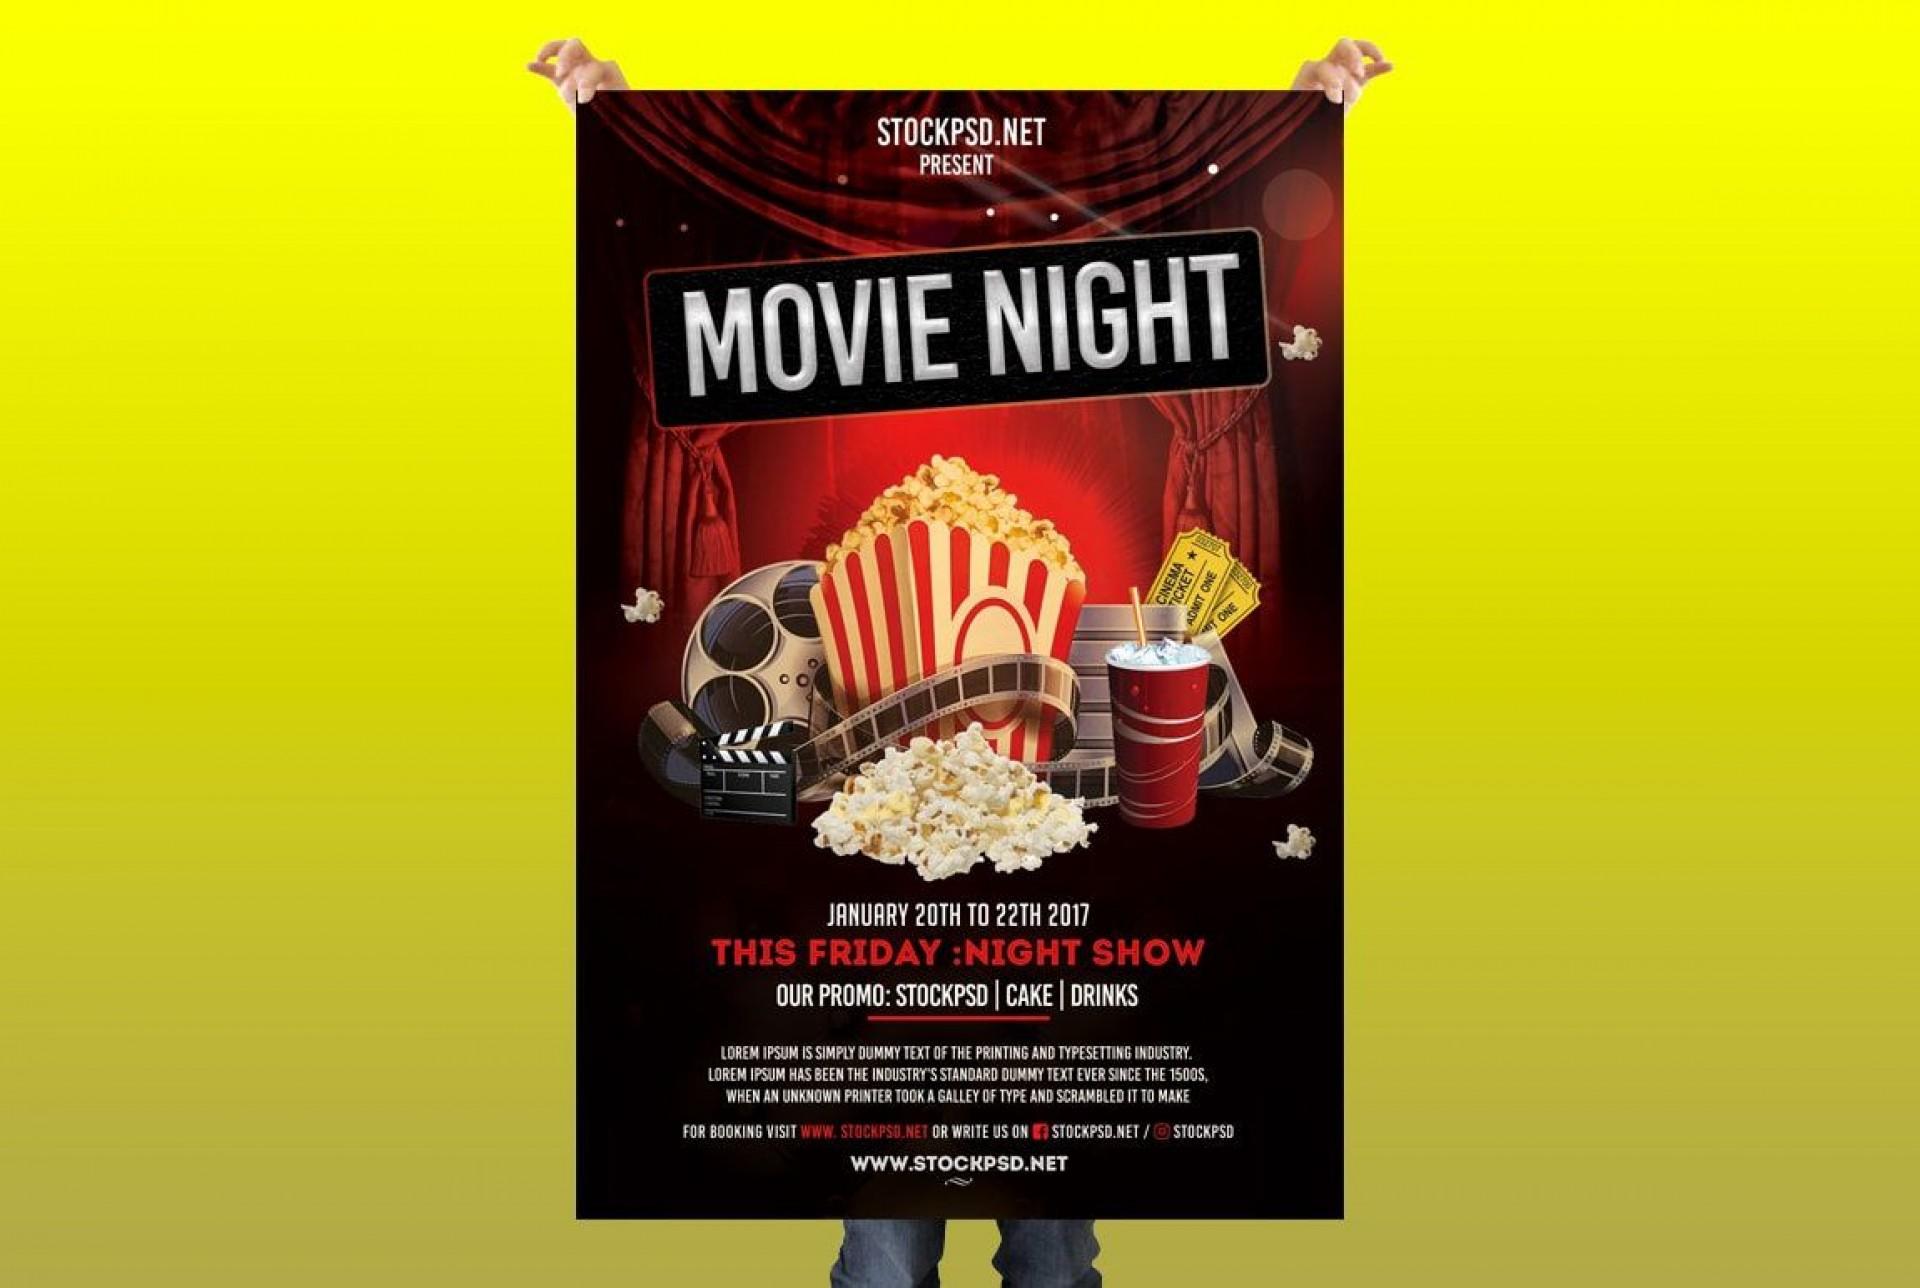 008 Surprising Movie Night Flyer Template Image  Editable Psd Free1920